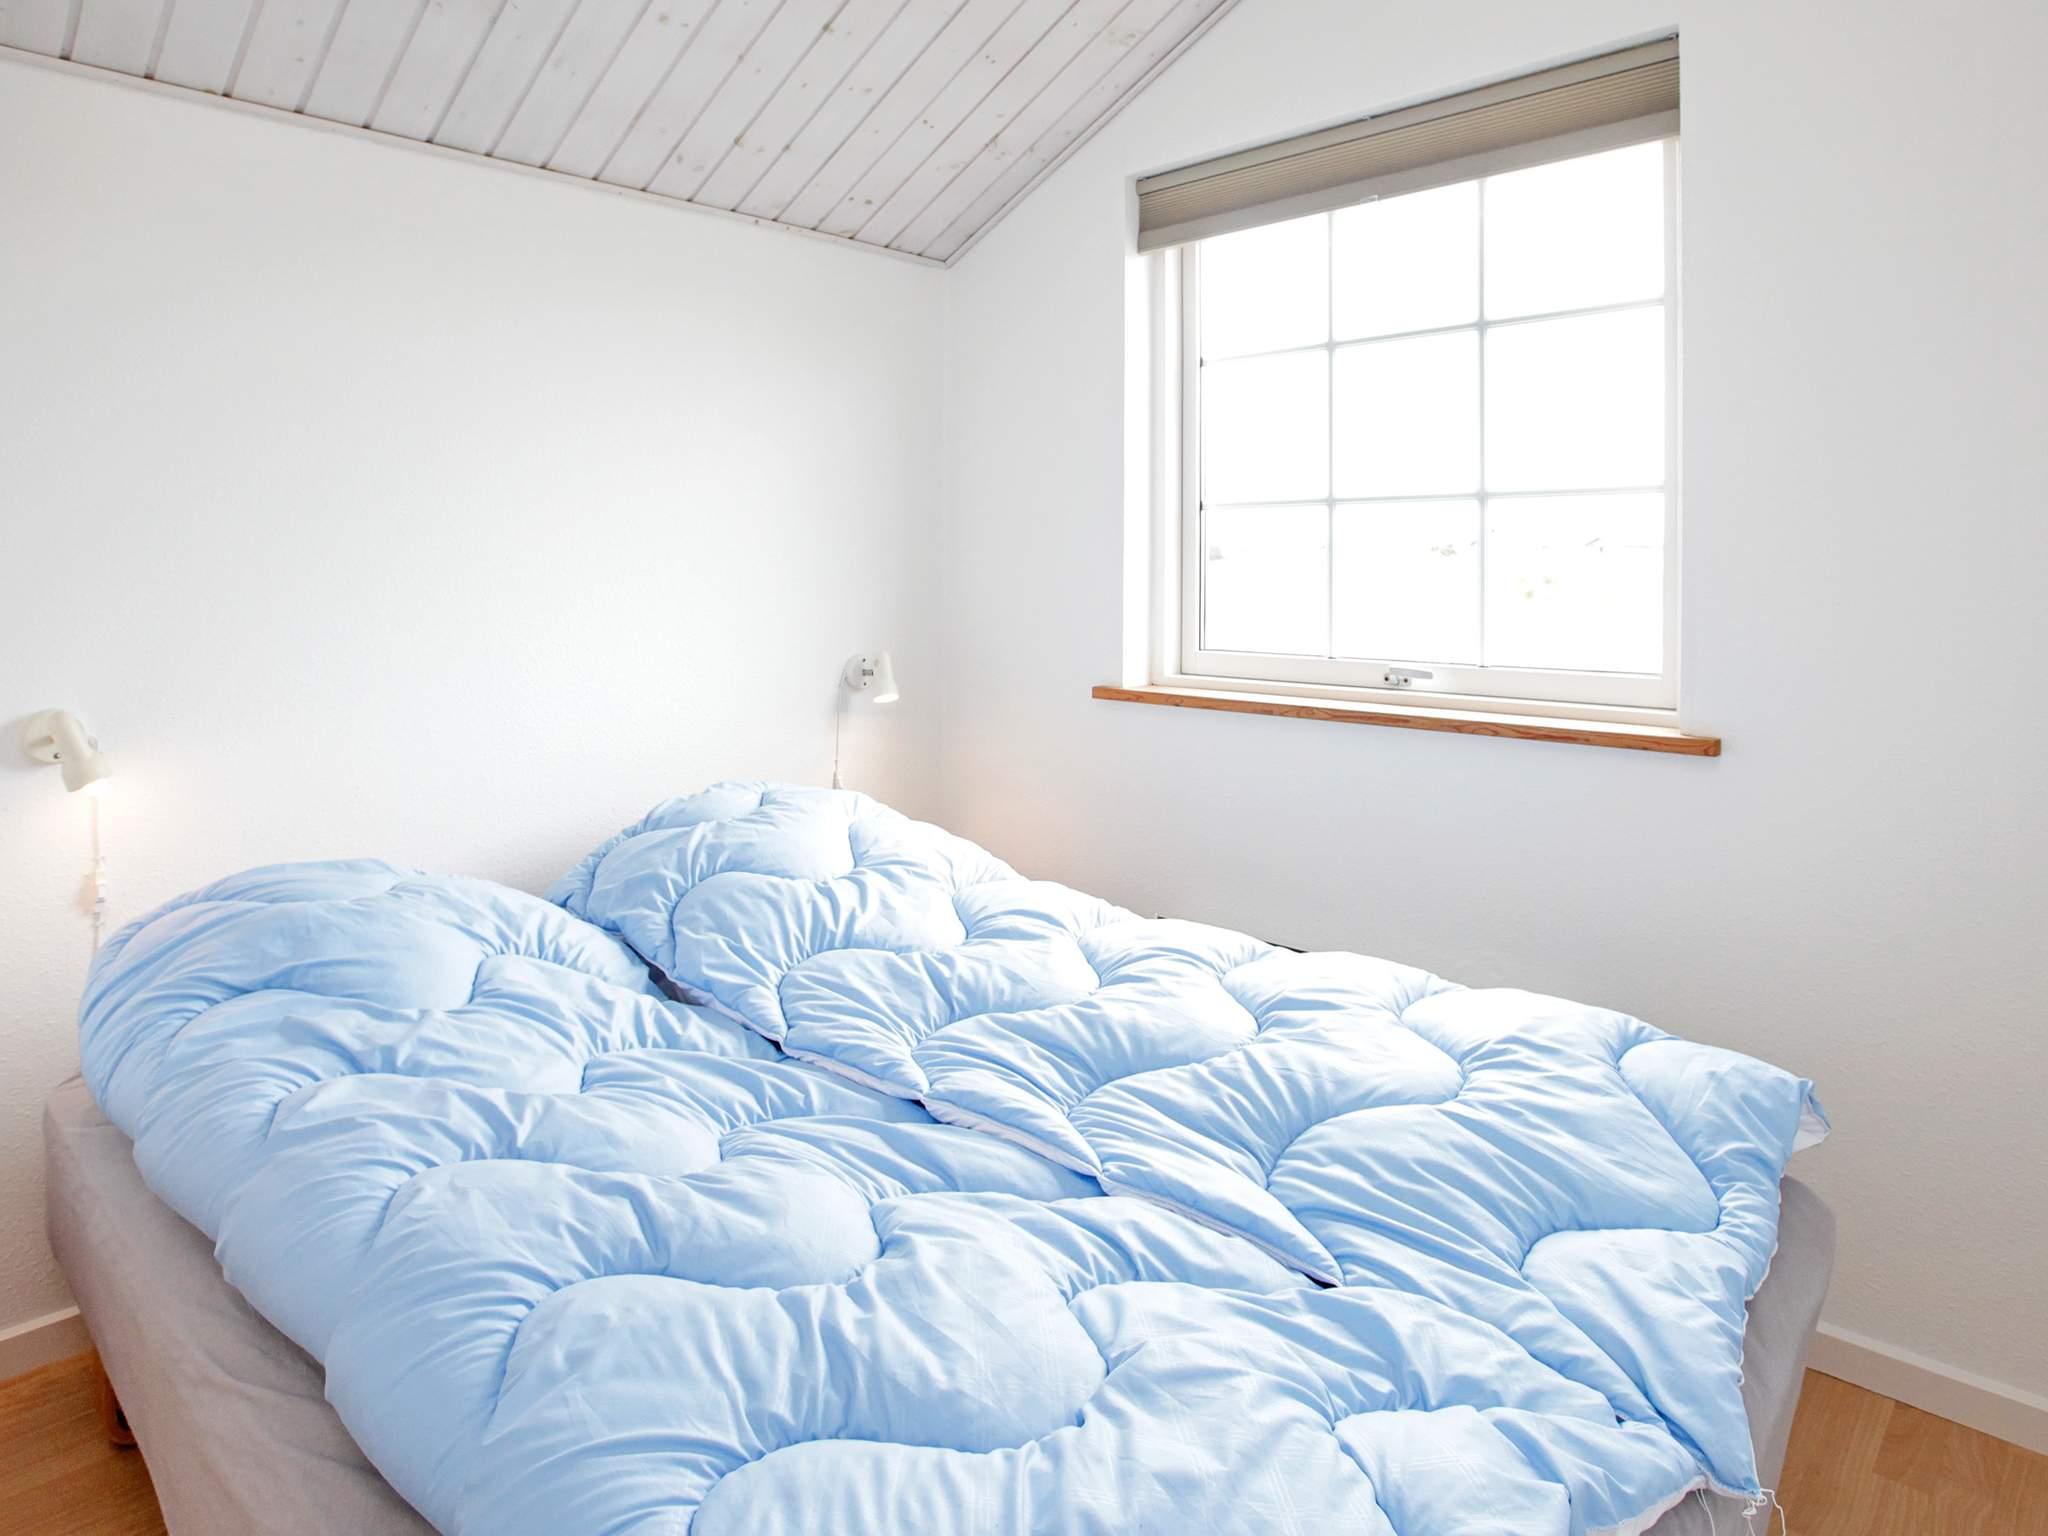 Ferienhaus Løkken (84081), Løkken, , Nordwestjütland, Dänemark, Bild 9